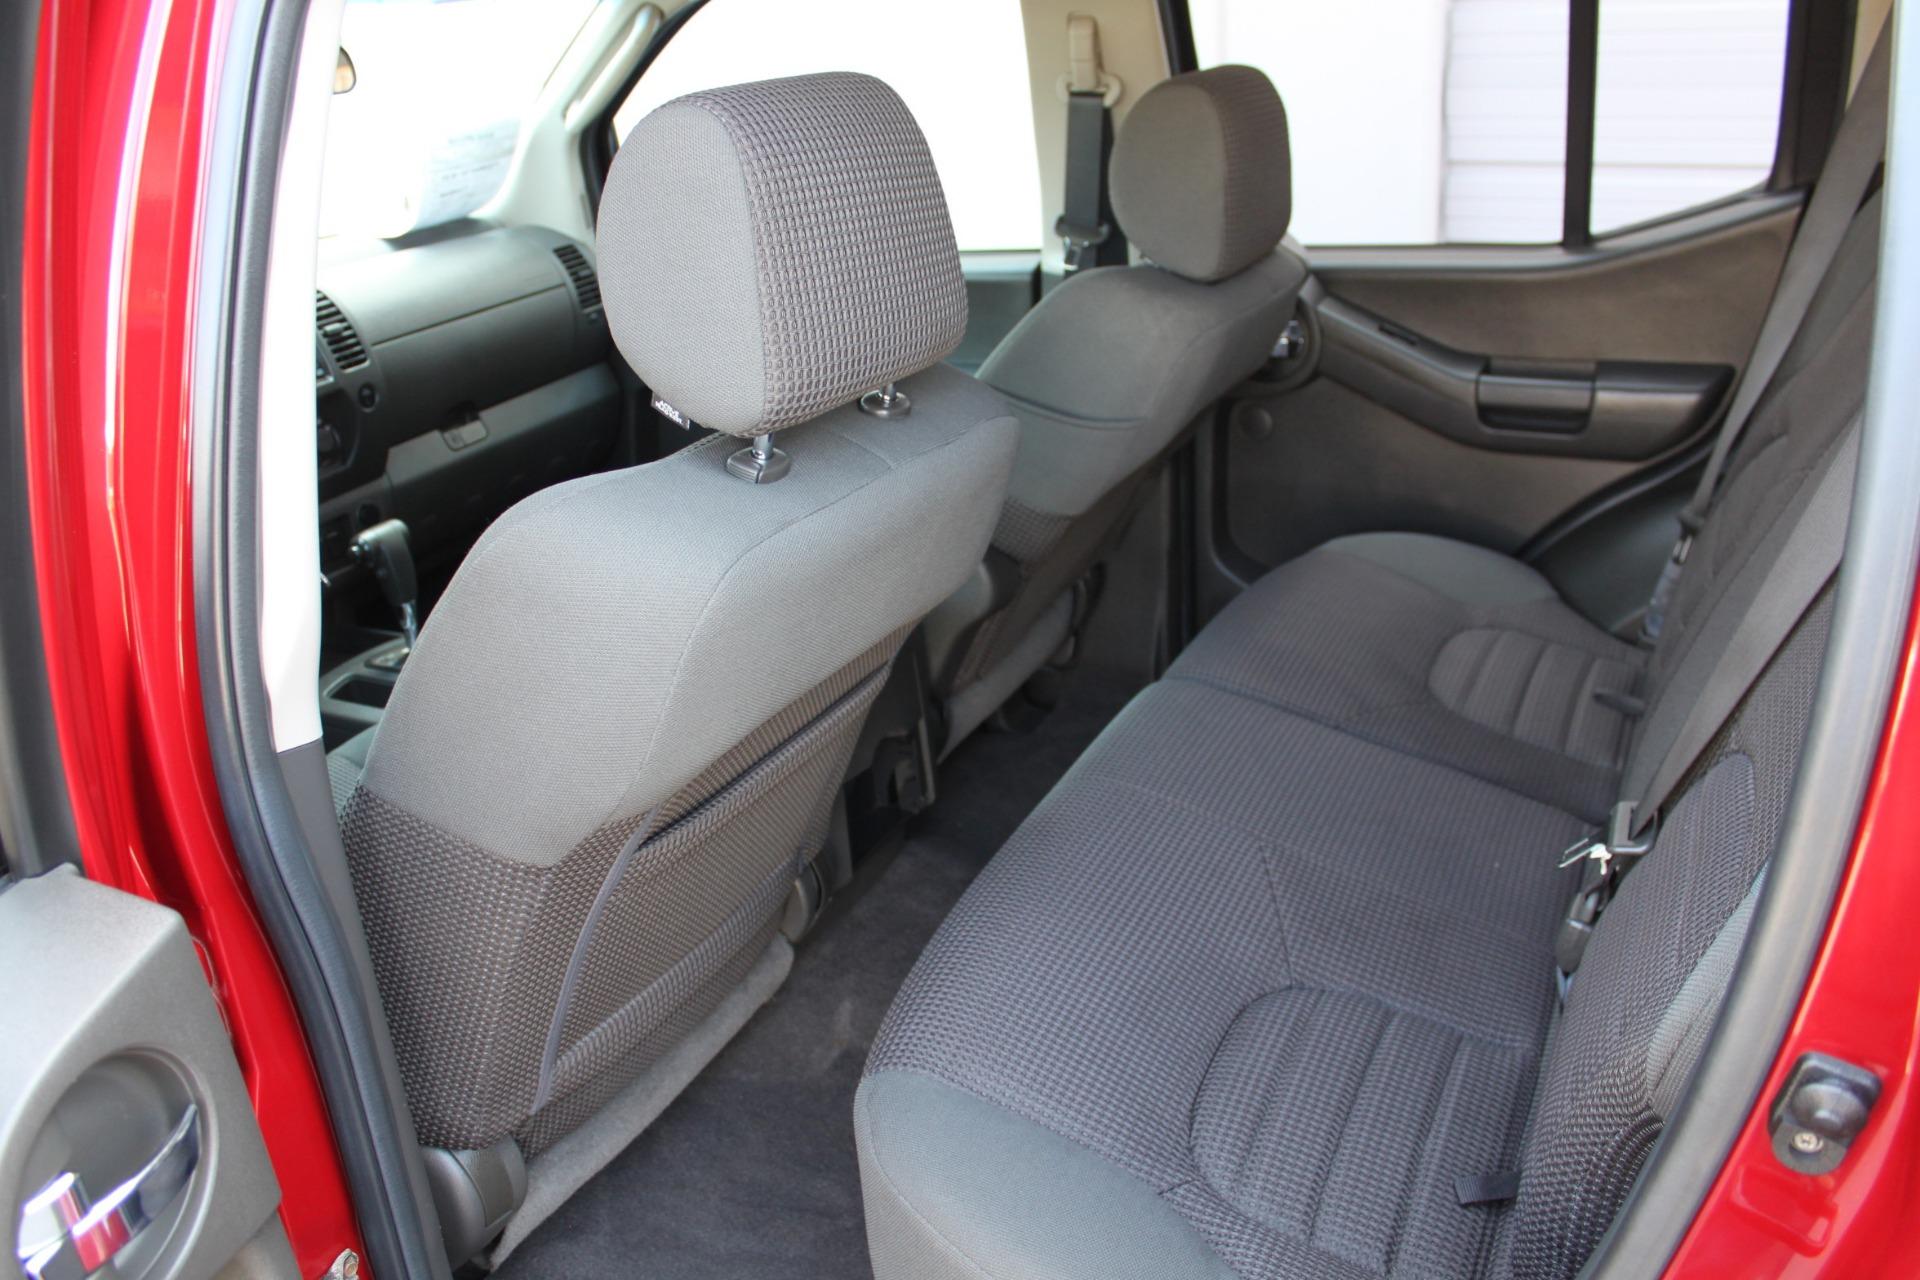 Used-2006-Nissan-Xterra-Off-Road-vintage